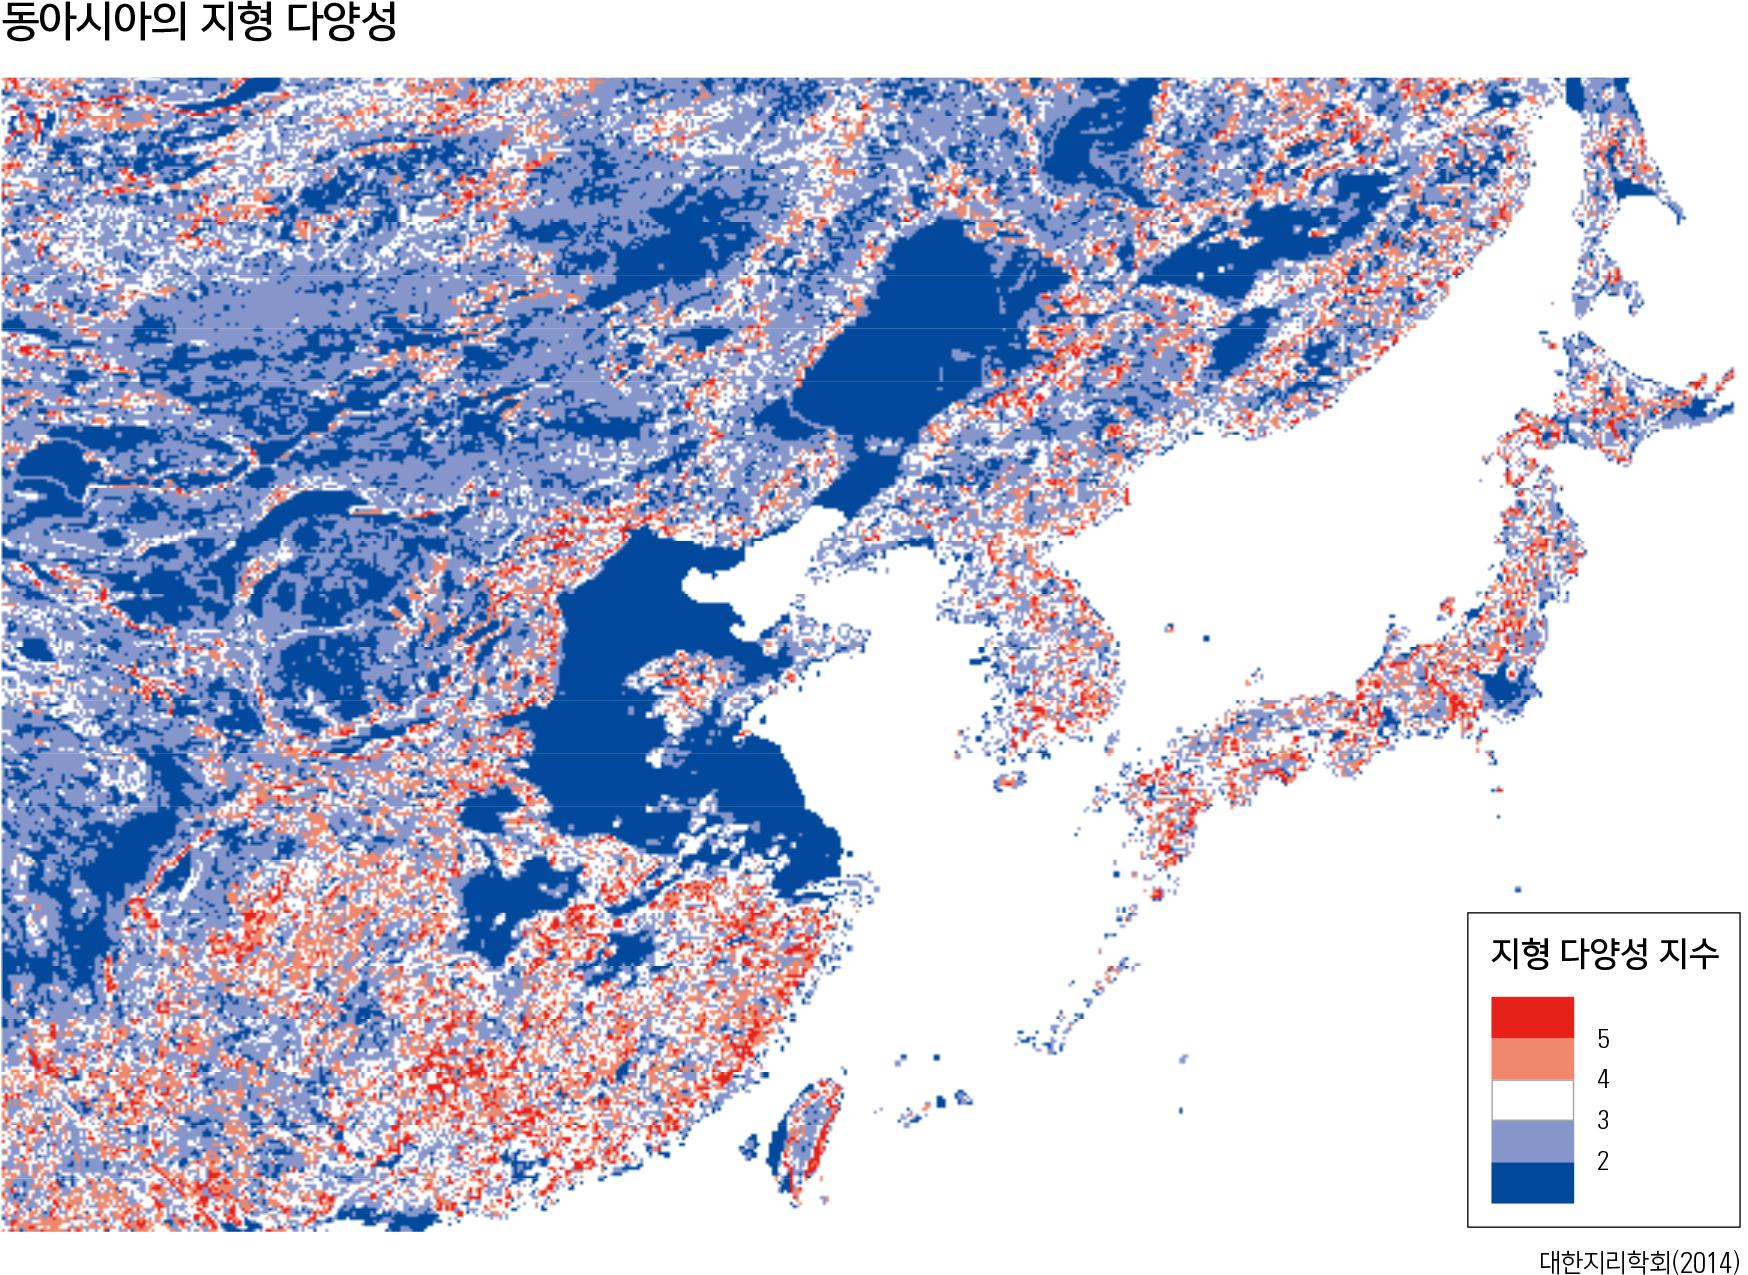 동아시아의 지형 다양성